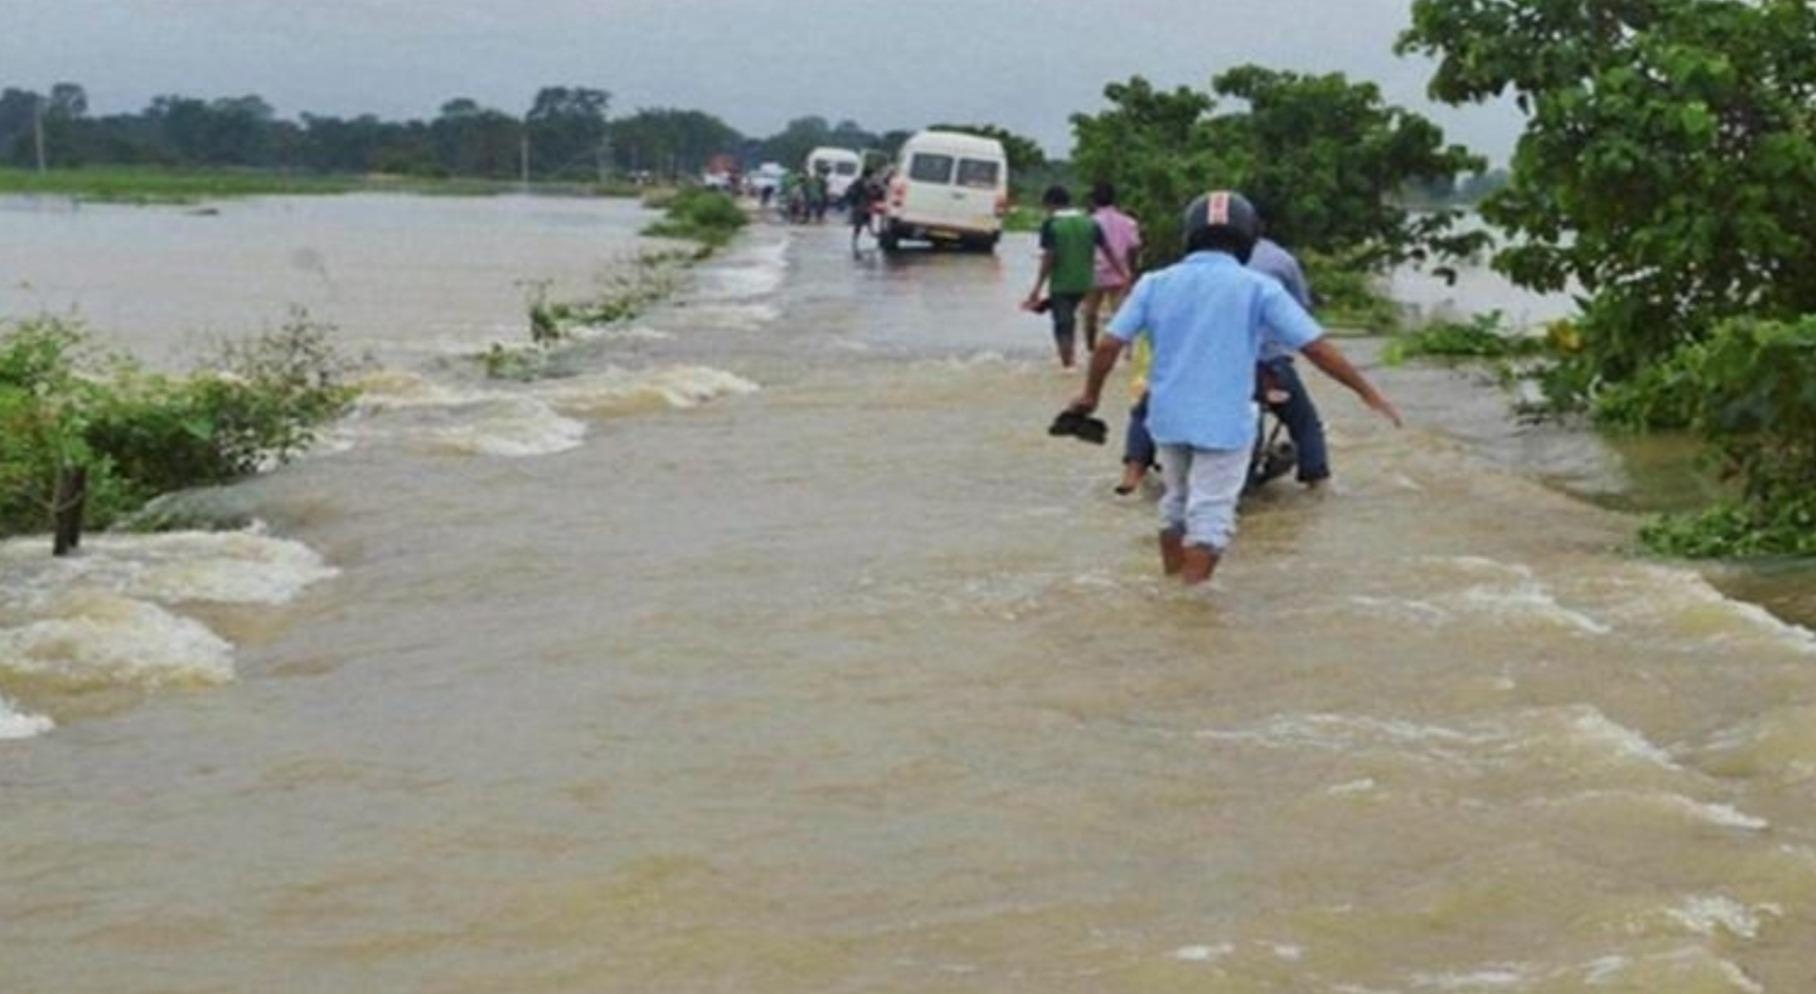 Lakhimpur Still Under Devastating Flood, Thousands Displaced